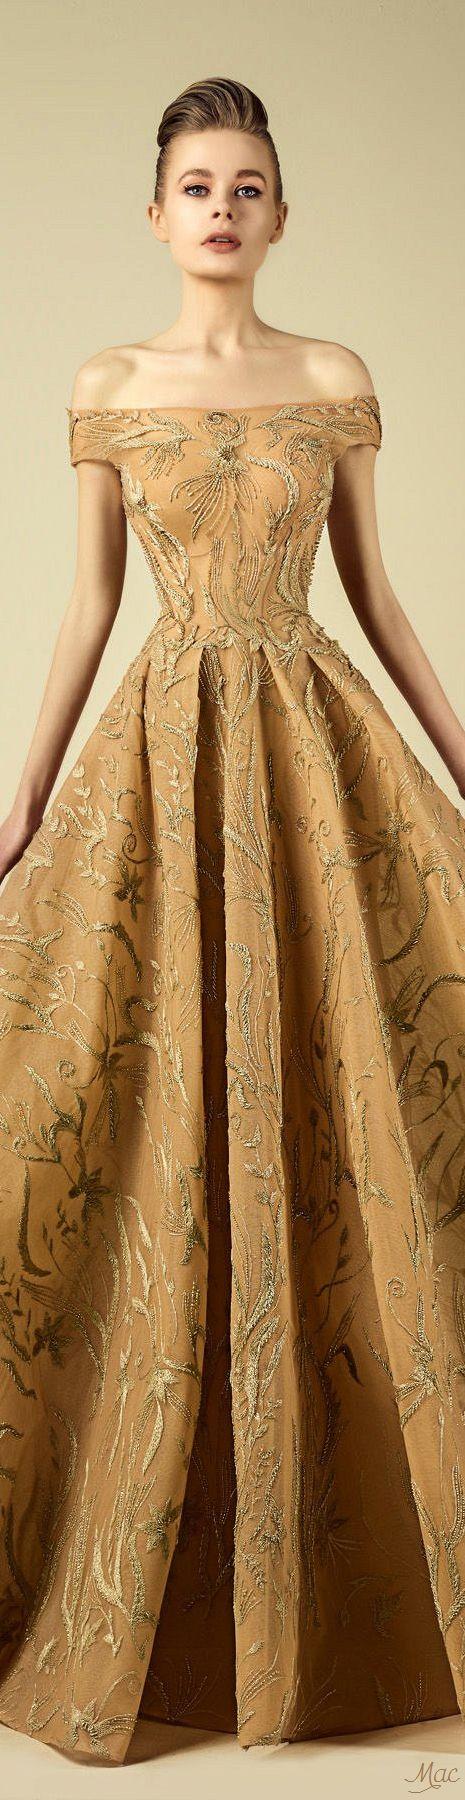 Spring 2017 Haute Couture Fadwa Baalbaki: